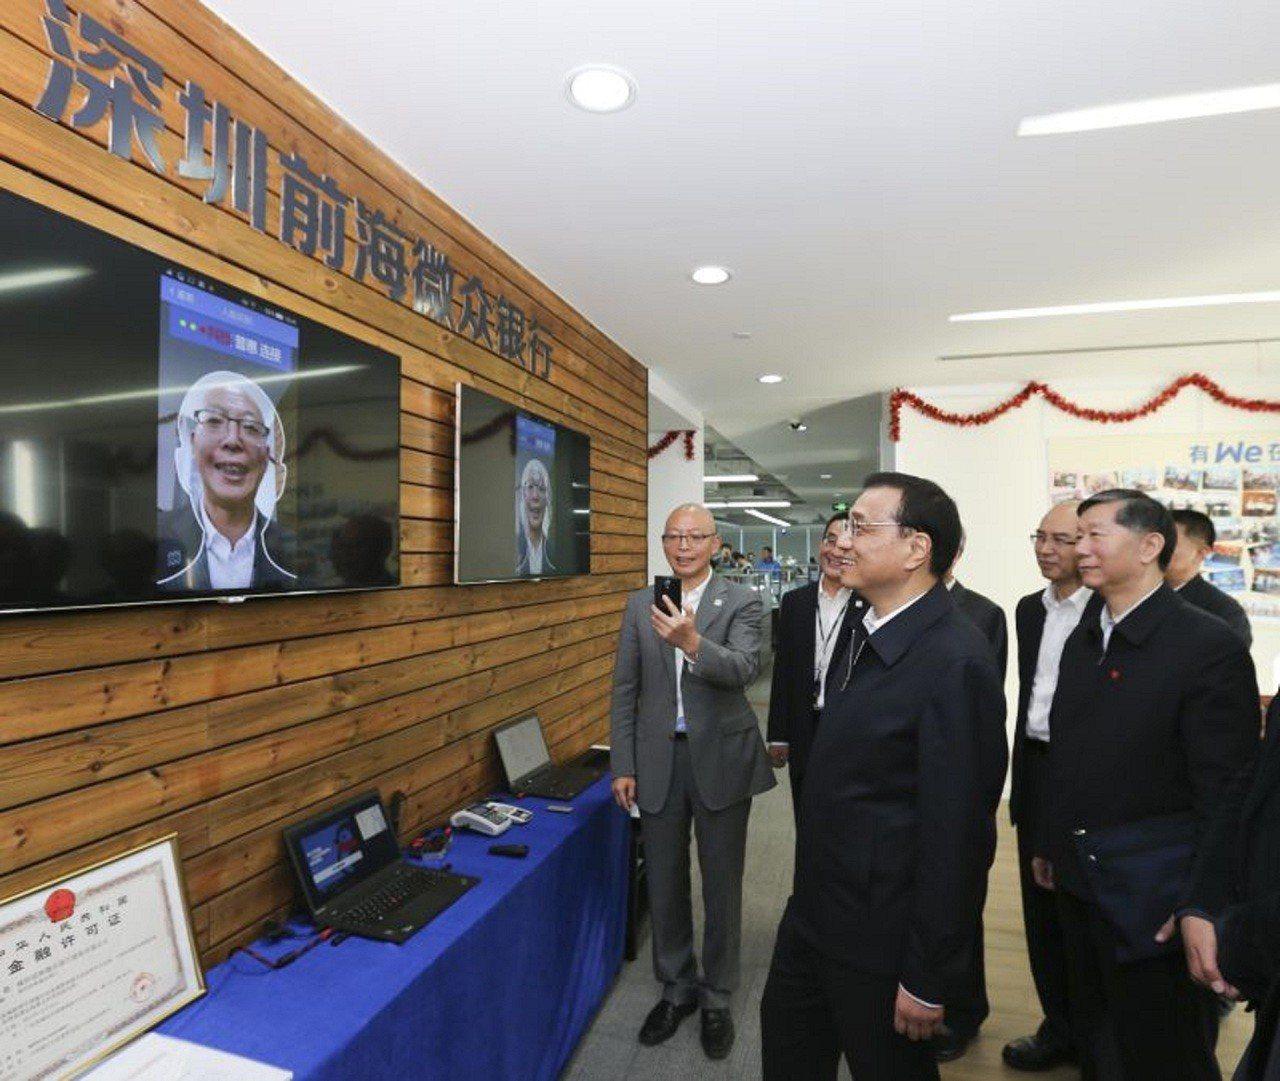 大陸國務院總理李克強2015年元月在深圳考察時,到前海微眾銀行參觀 。 網路照片